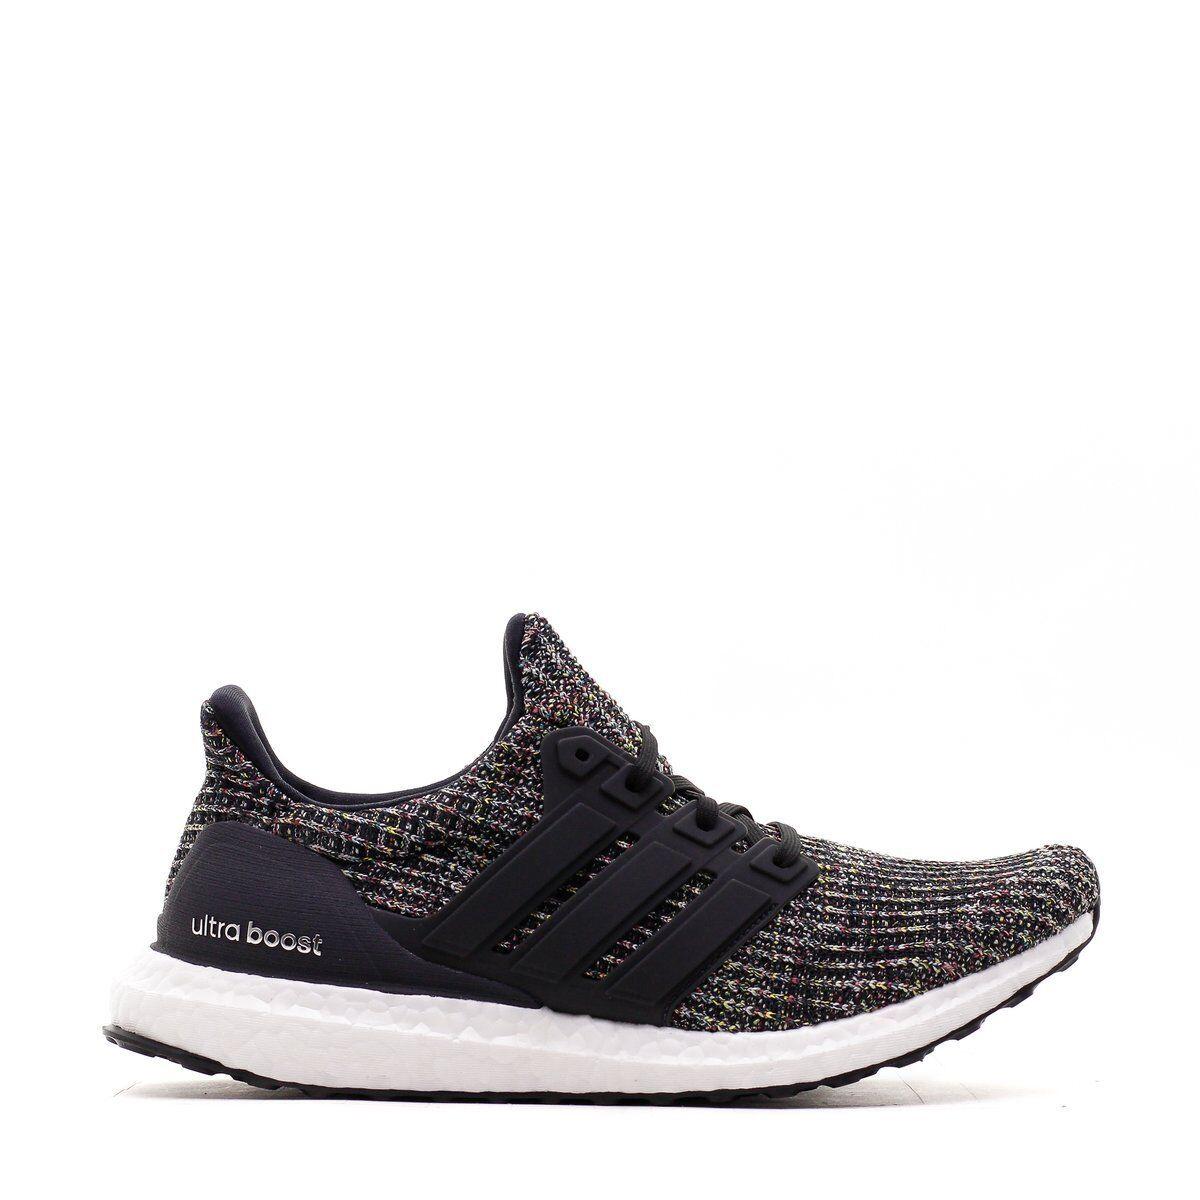 Para Hombre Adidas Ultra Boost 4.0 Core carbón Negro Plata Ceniza de carbón Core CM82018 0ab215